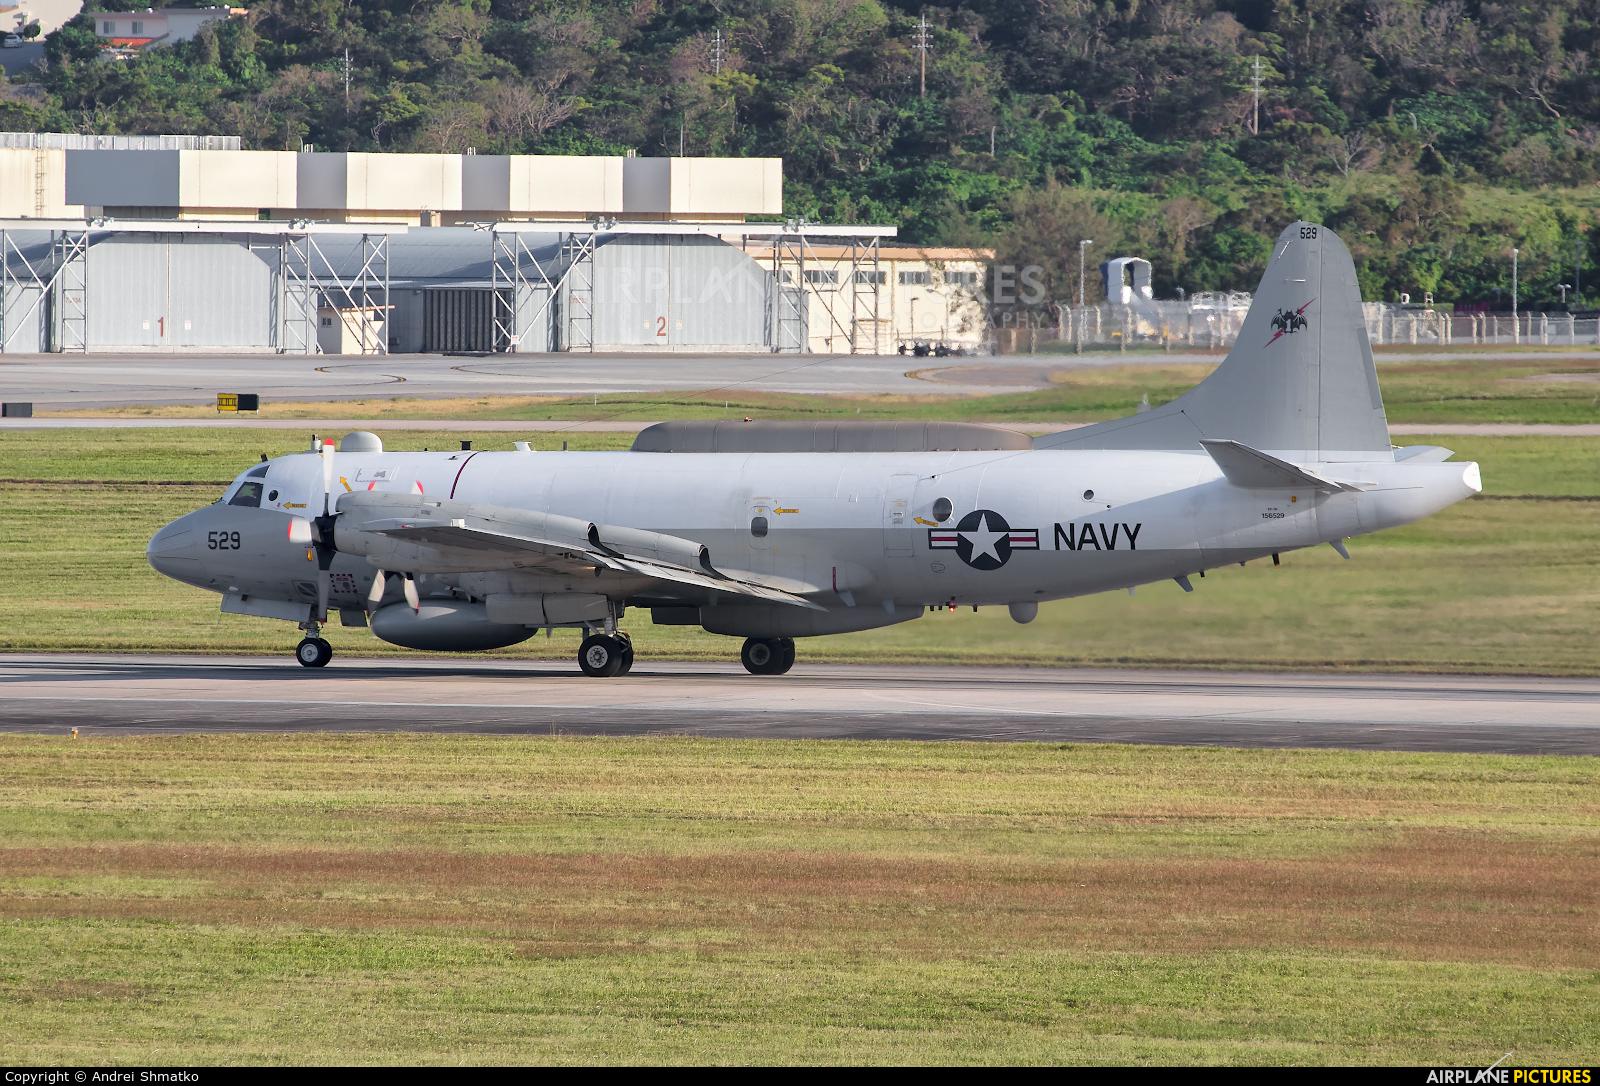 USA - Navy 156529 aircraft at Kadena AB